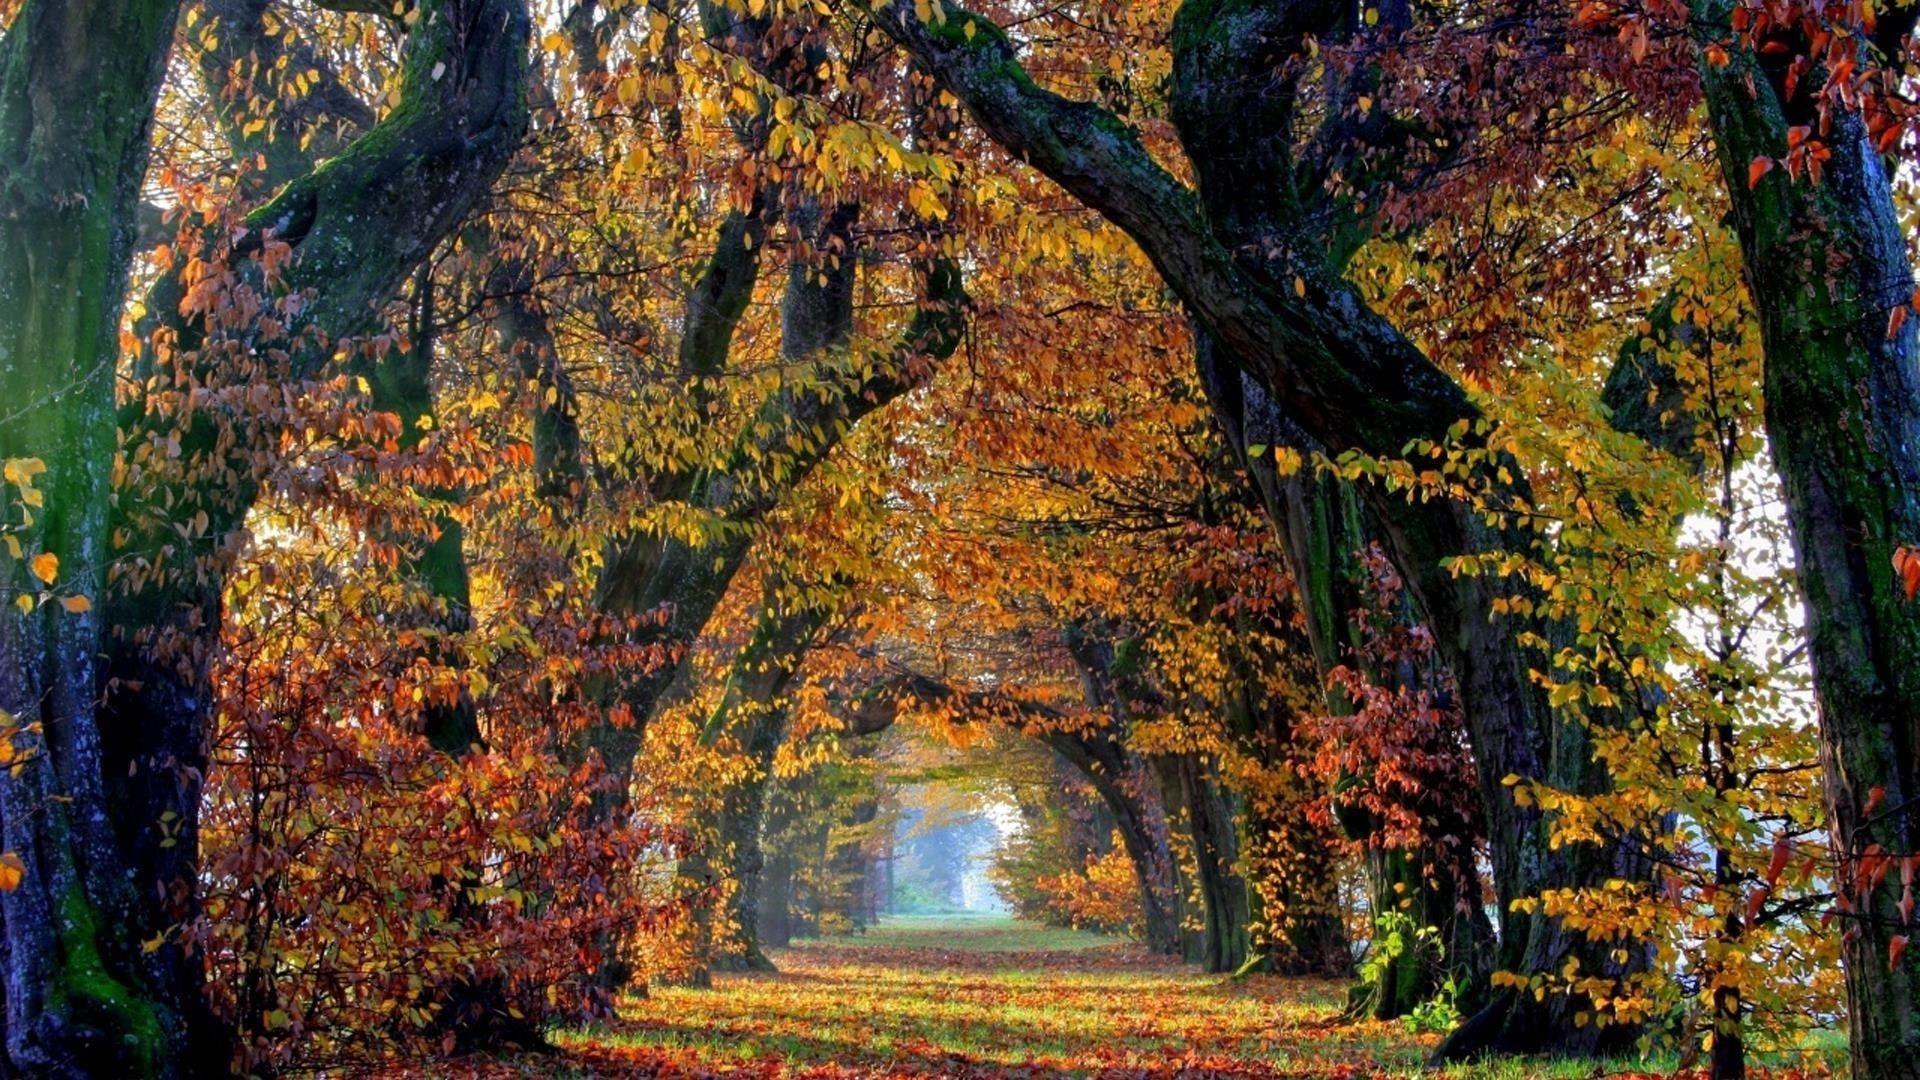 Зеленая травяная дорожка с листьями между осенними деревьями с солнечными лучами природа обои скачать